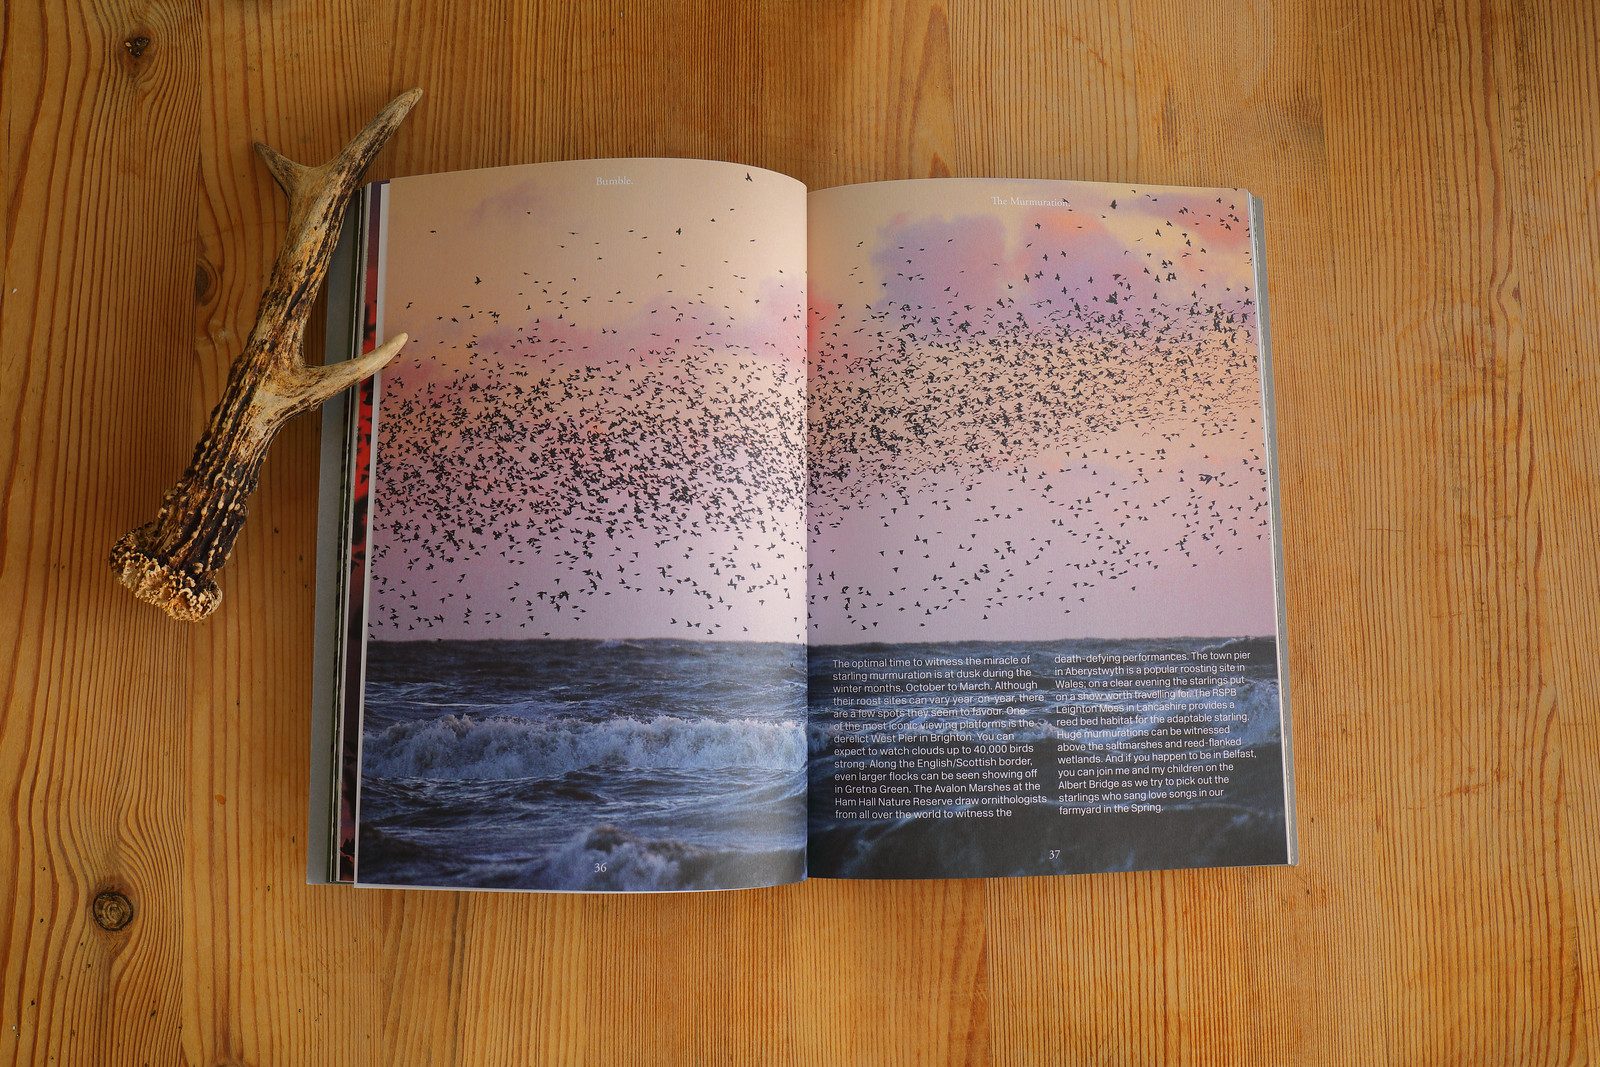 Bumble_Magazine_Murmuration_3